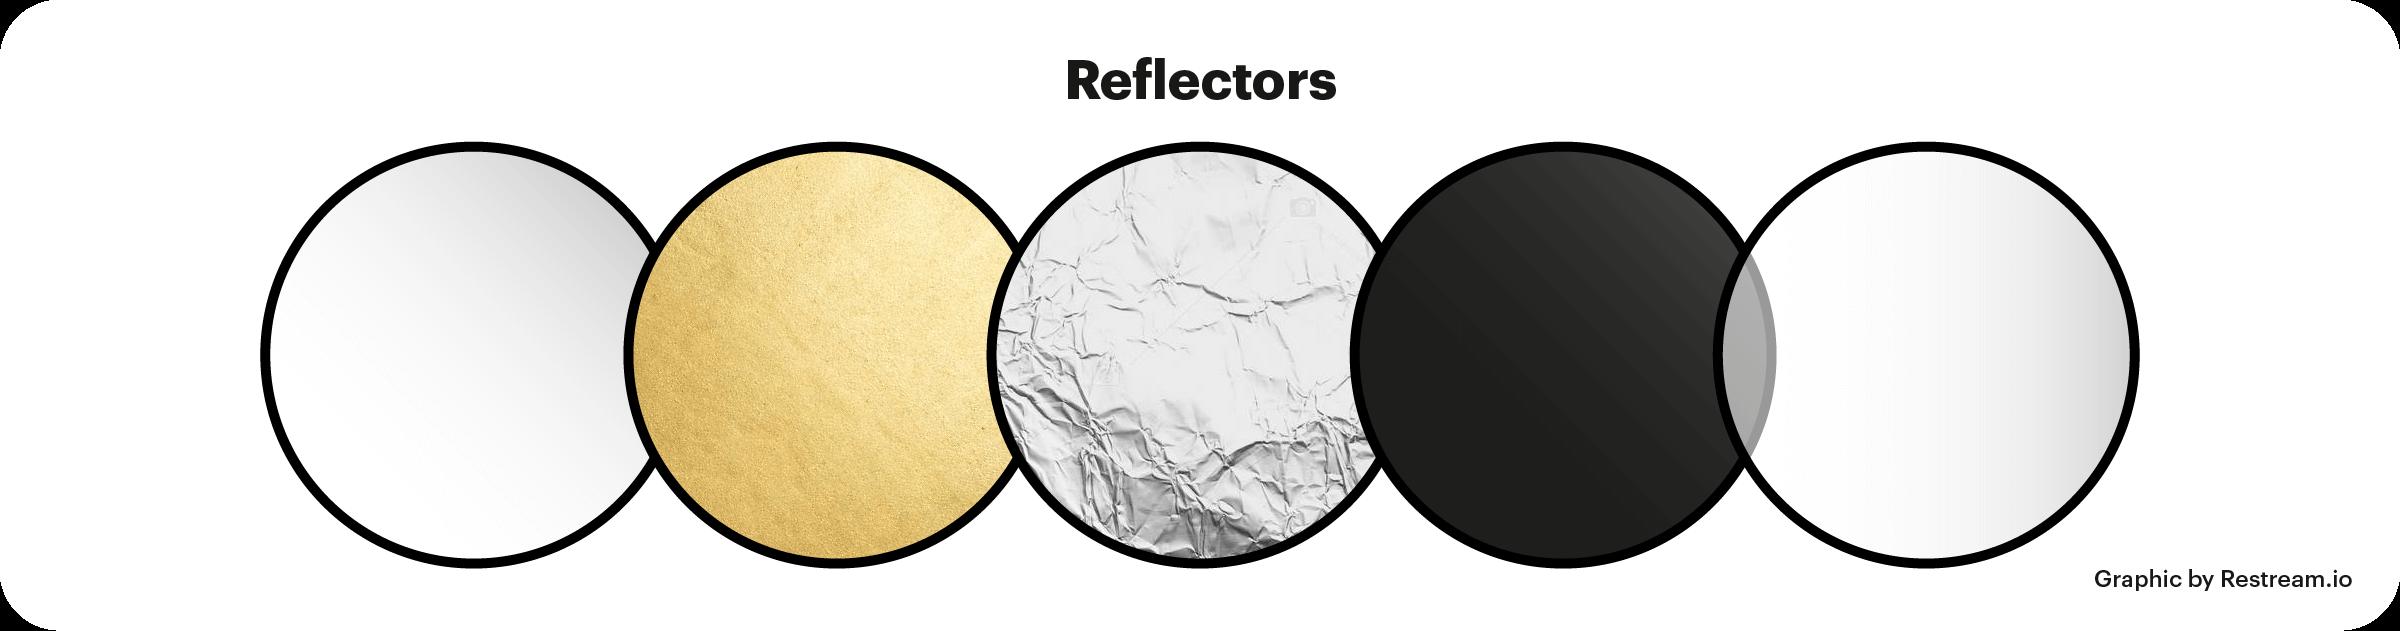 Types of reflectors